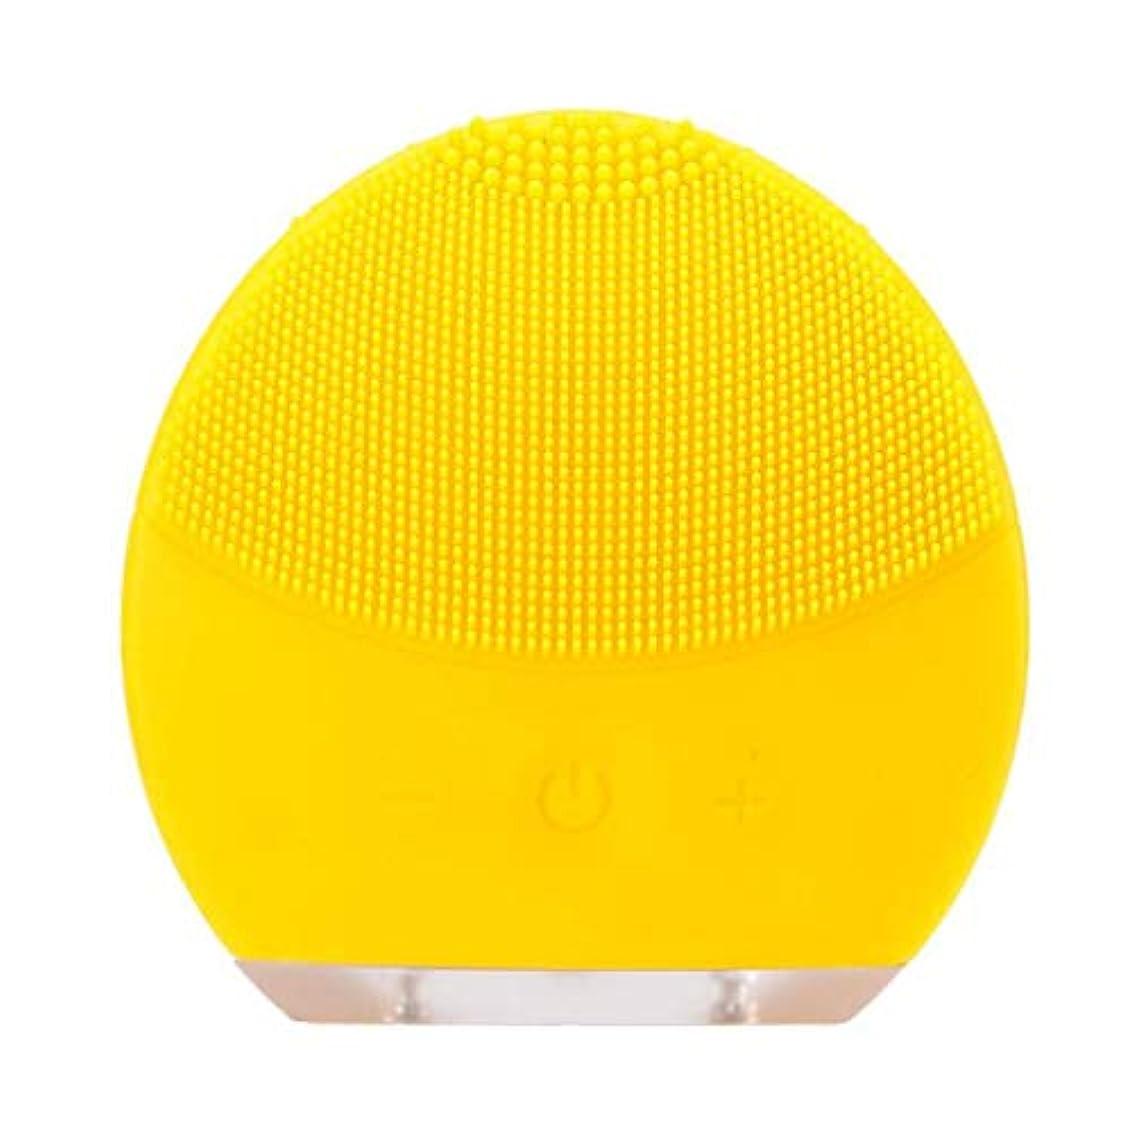 慣習ブレーク移行する超音波振動美容機器洗浄器、皮膚の毛穴を最小限に抑えるマイクロダーマブレーション毛穴、USB 充電と防水,Yellow